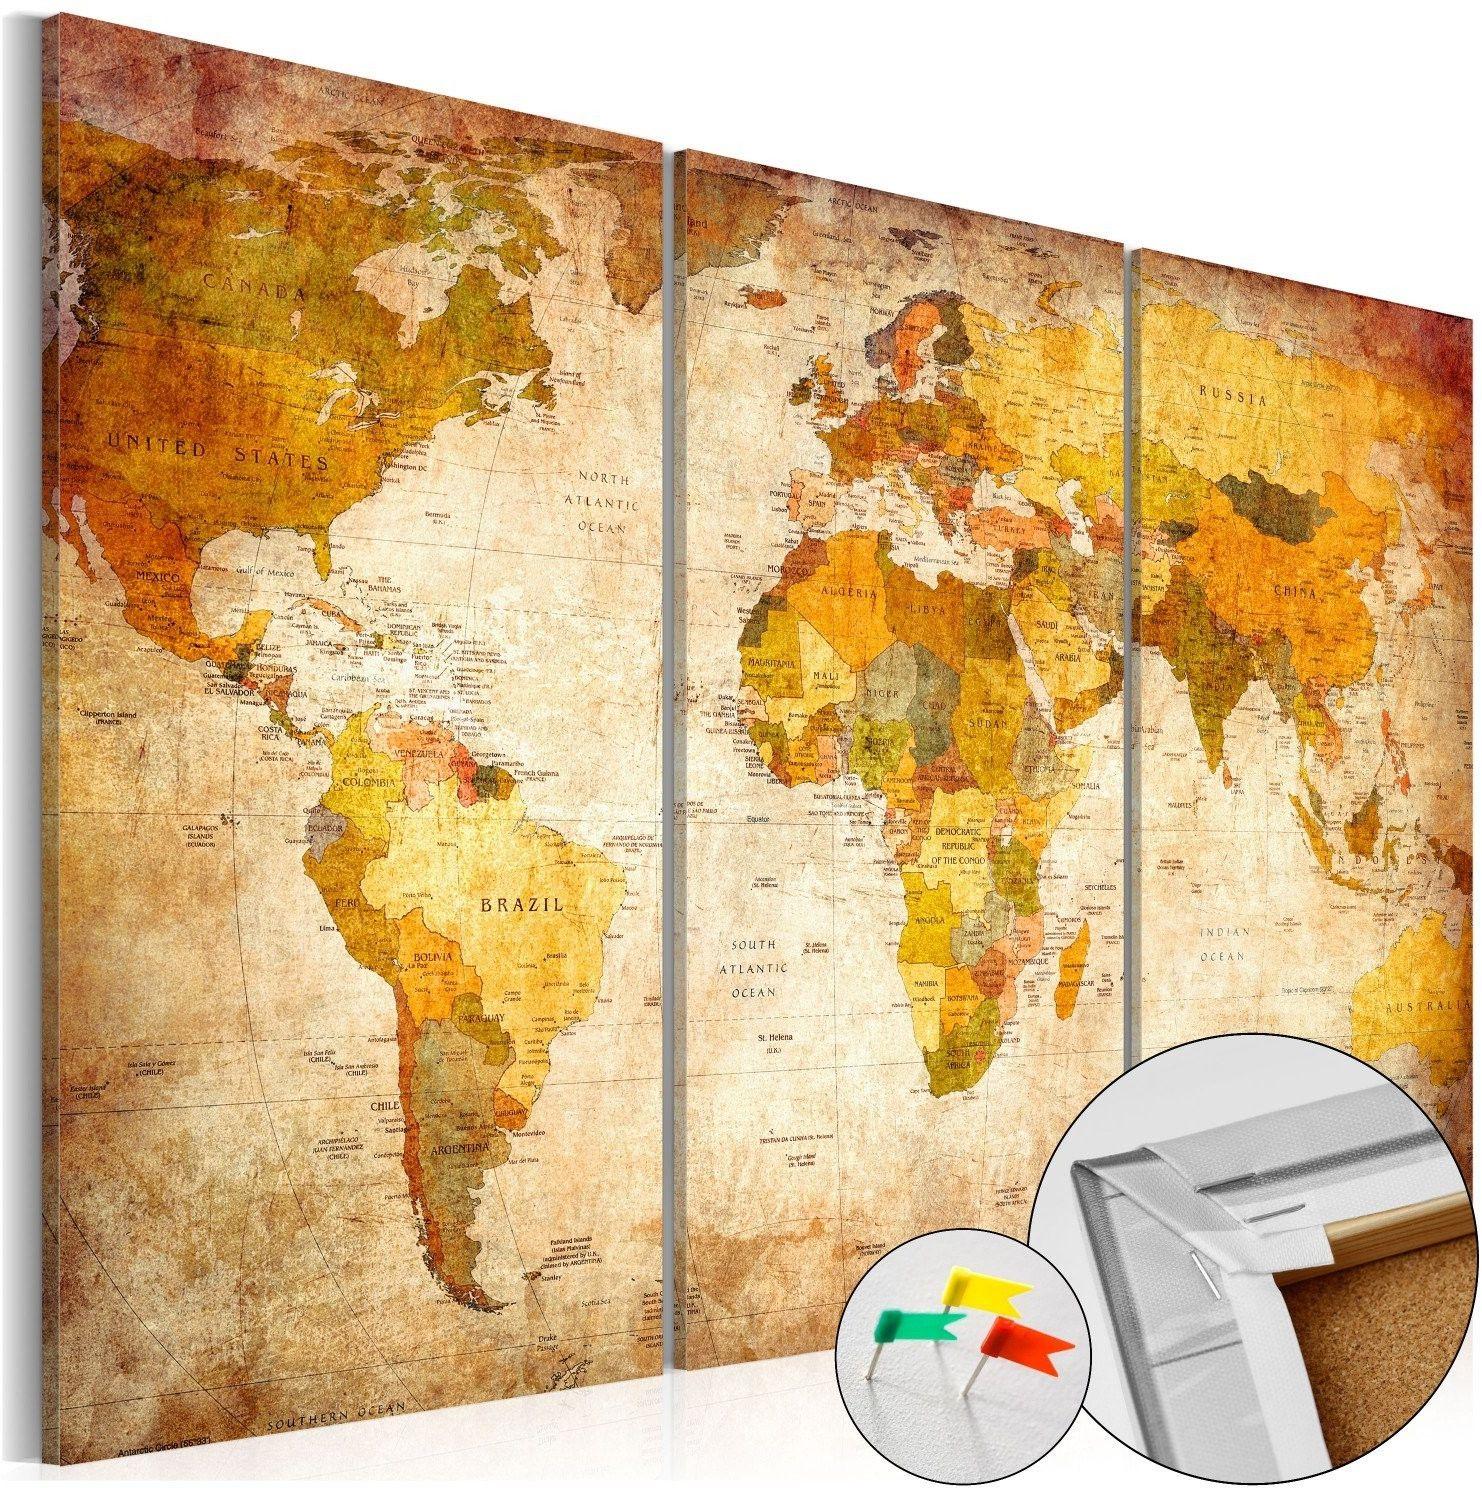 Obraz na korku - antyczne podróże [mapa korkowa]